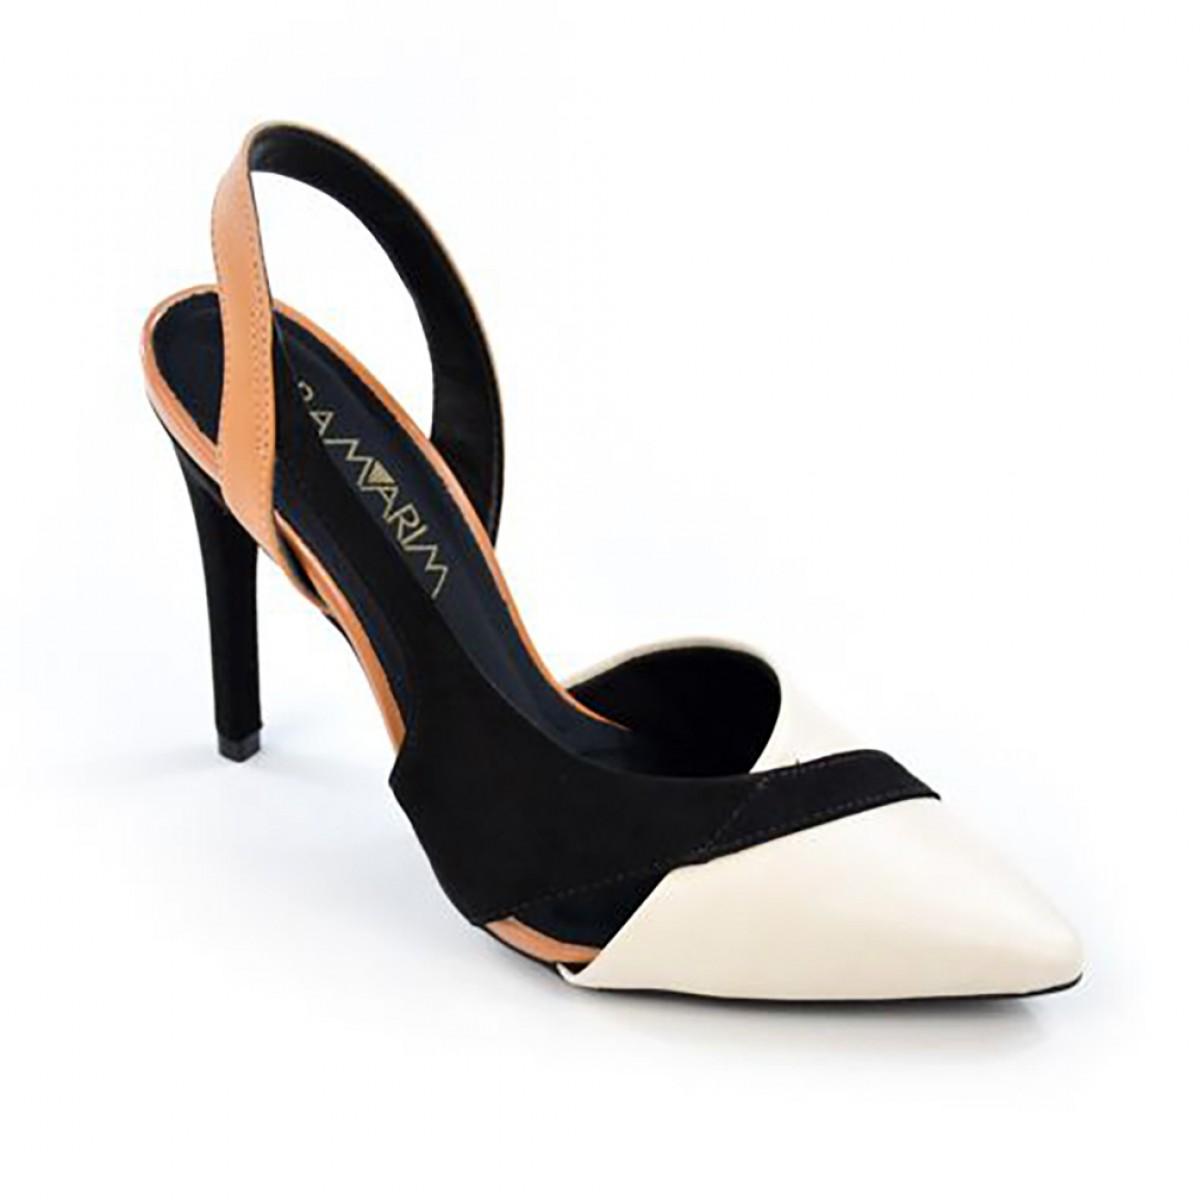 095f276585 Sandália Scarpin Ramarim Chanel Preto Branco e Bege - Compre Agora ...